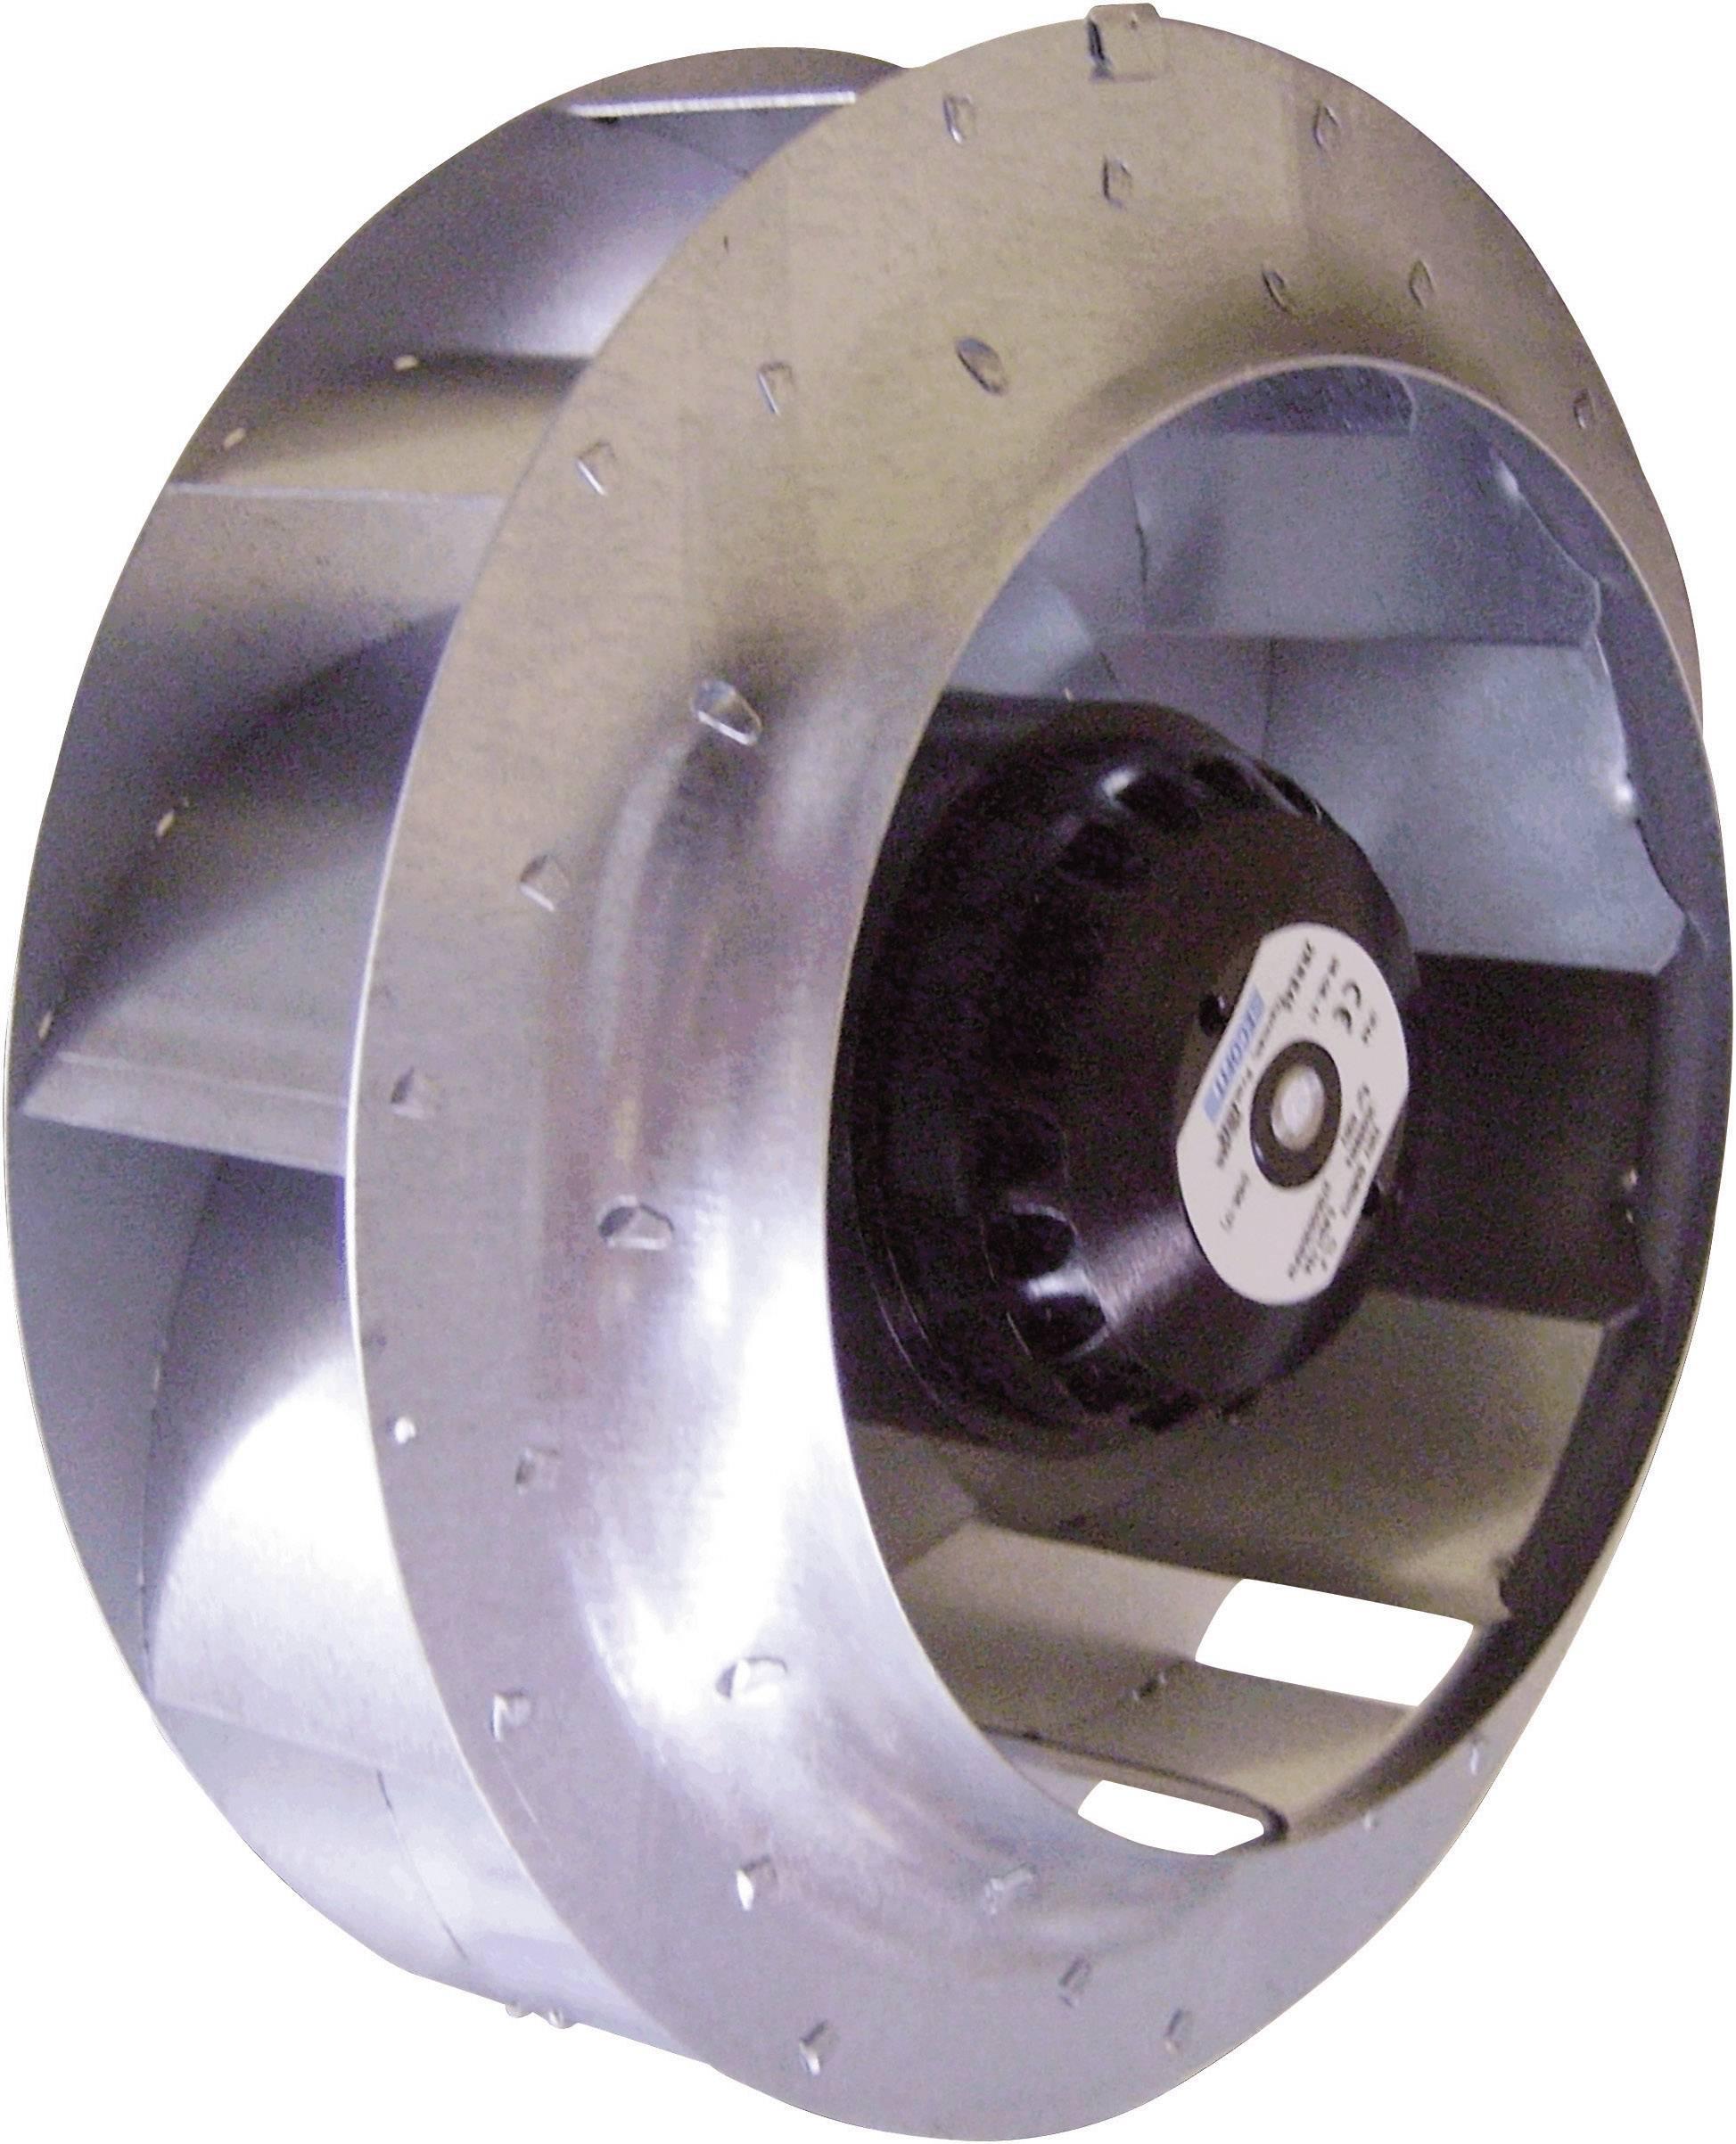 Axiální ventilátor Ecofit 2RRE25 220X45R - D05-A5, 230 V/AC, 63 dB (A), (Ø x v) 220 mm x 71 mm